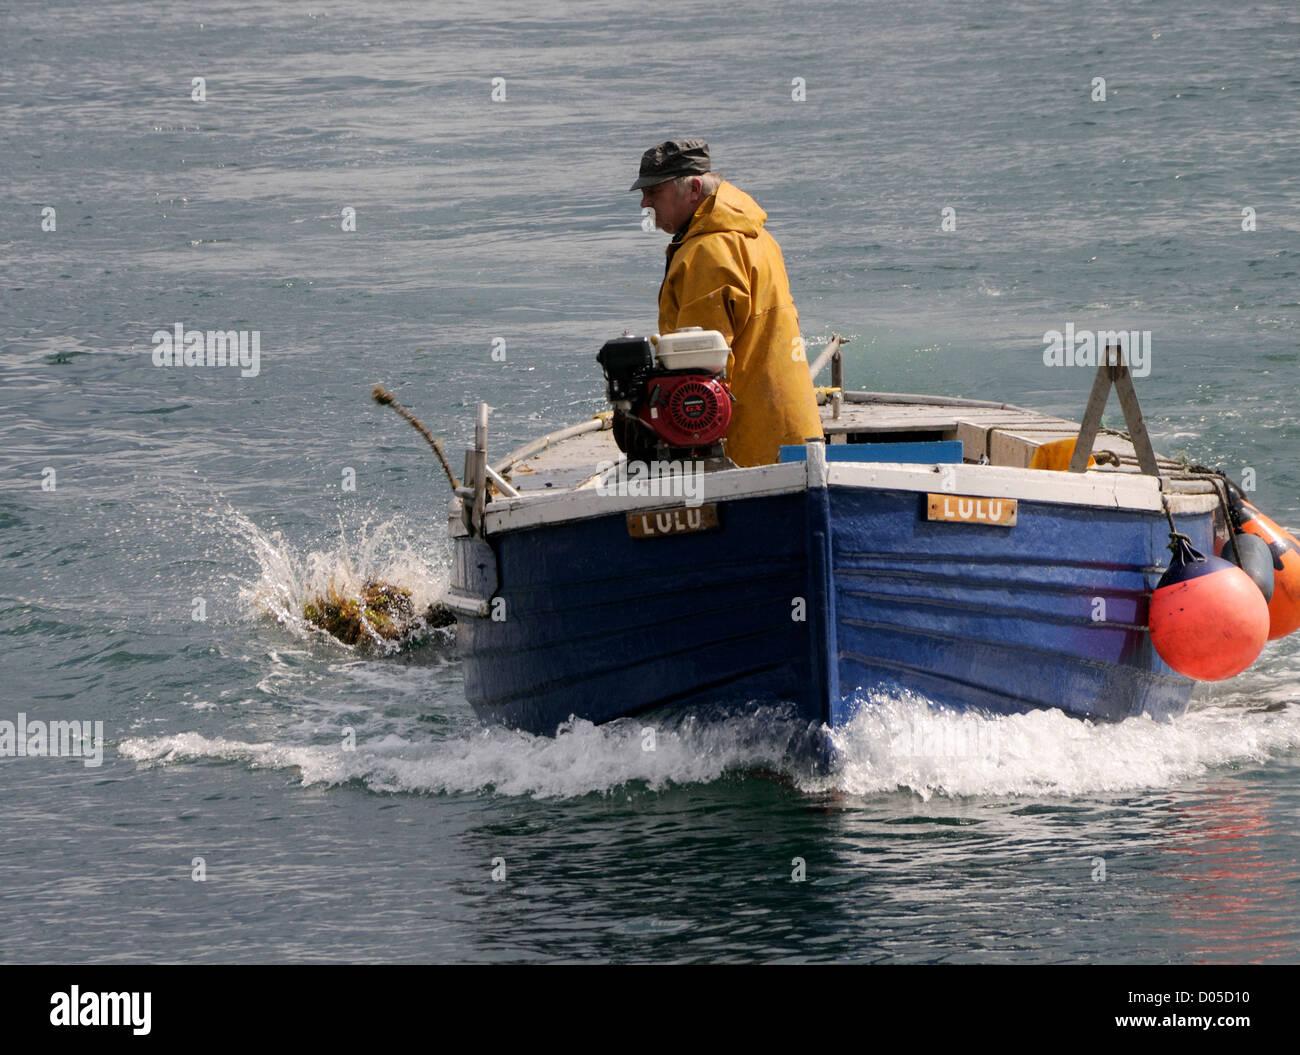 Un granchio pescatore abbassa il suo ultimo pot. Scrabster, Caithness in Scozia, Regno Unito. Immagini Stock